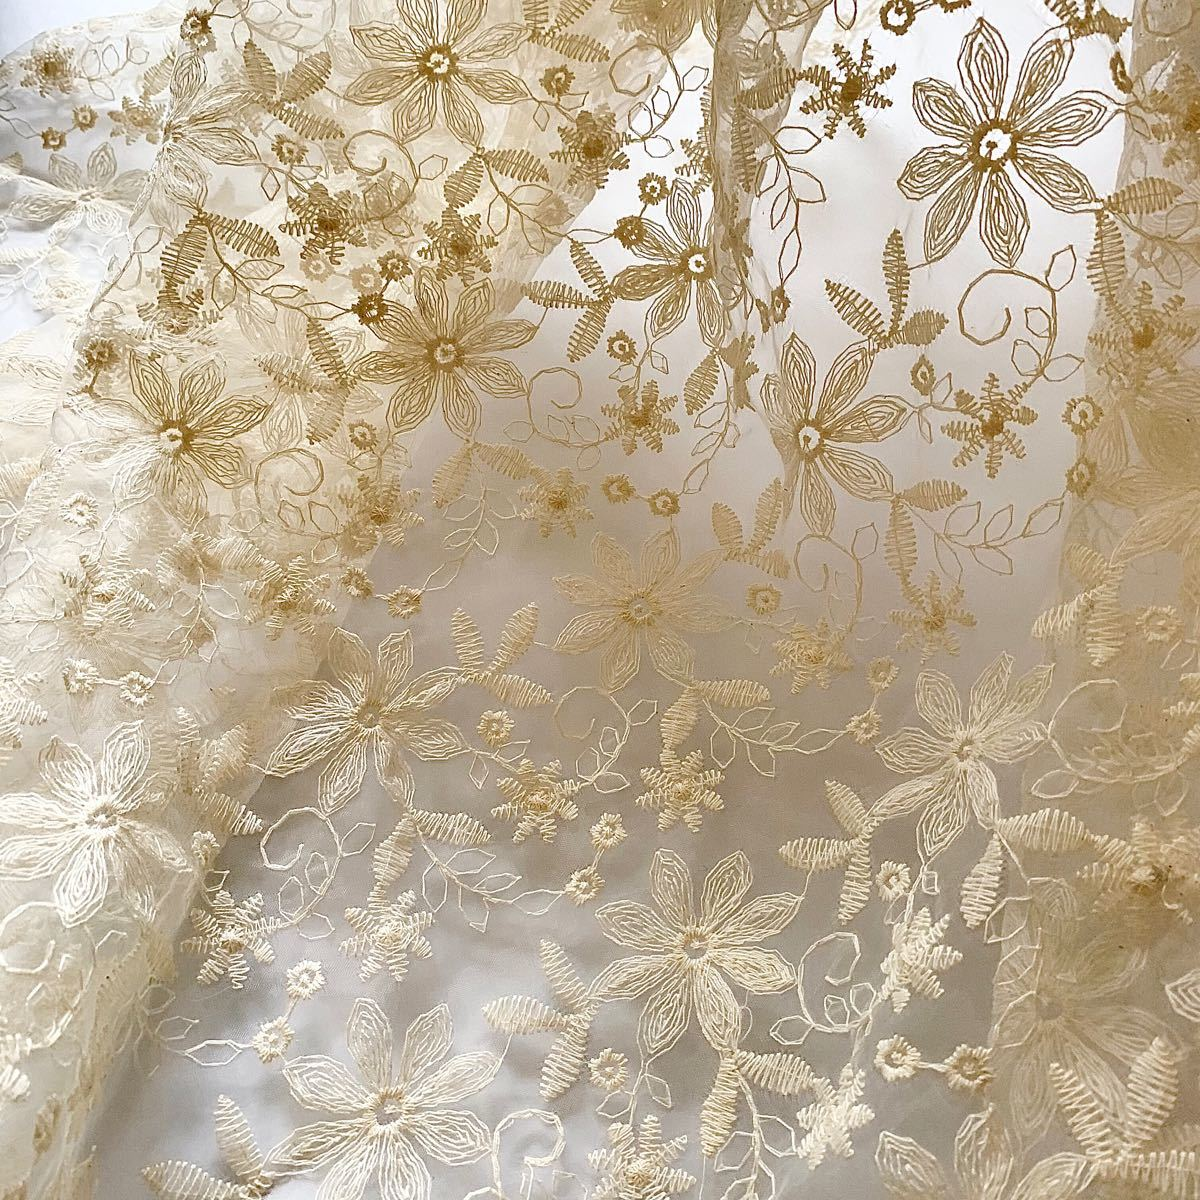 チュールレース コットン 綿 刺繍生地 はぎれセット 花柄 布 ハギレ